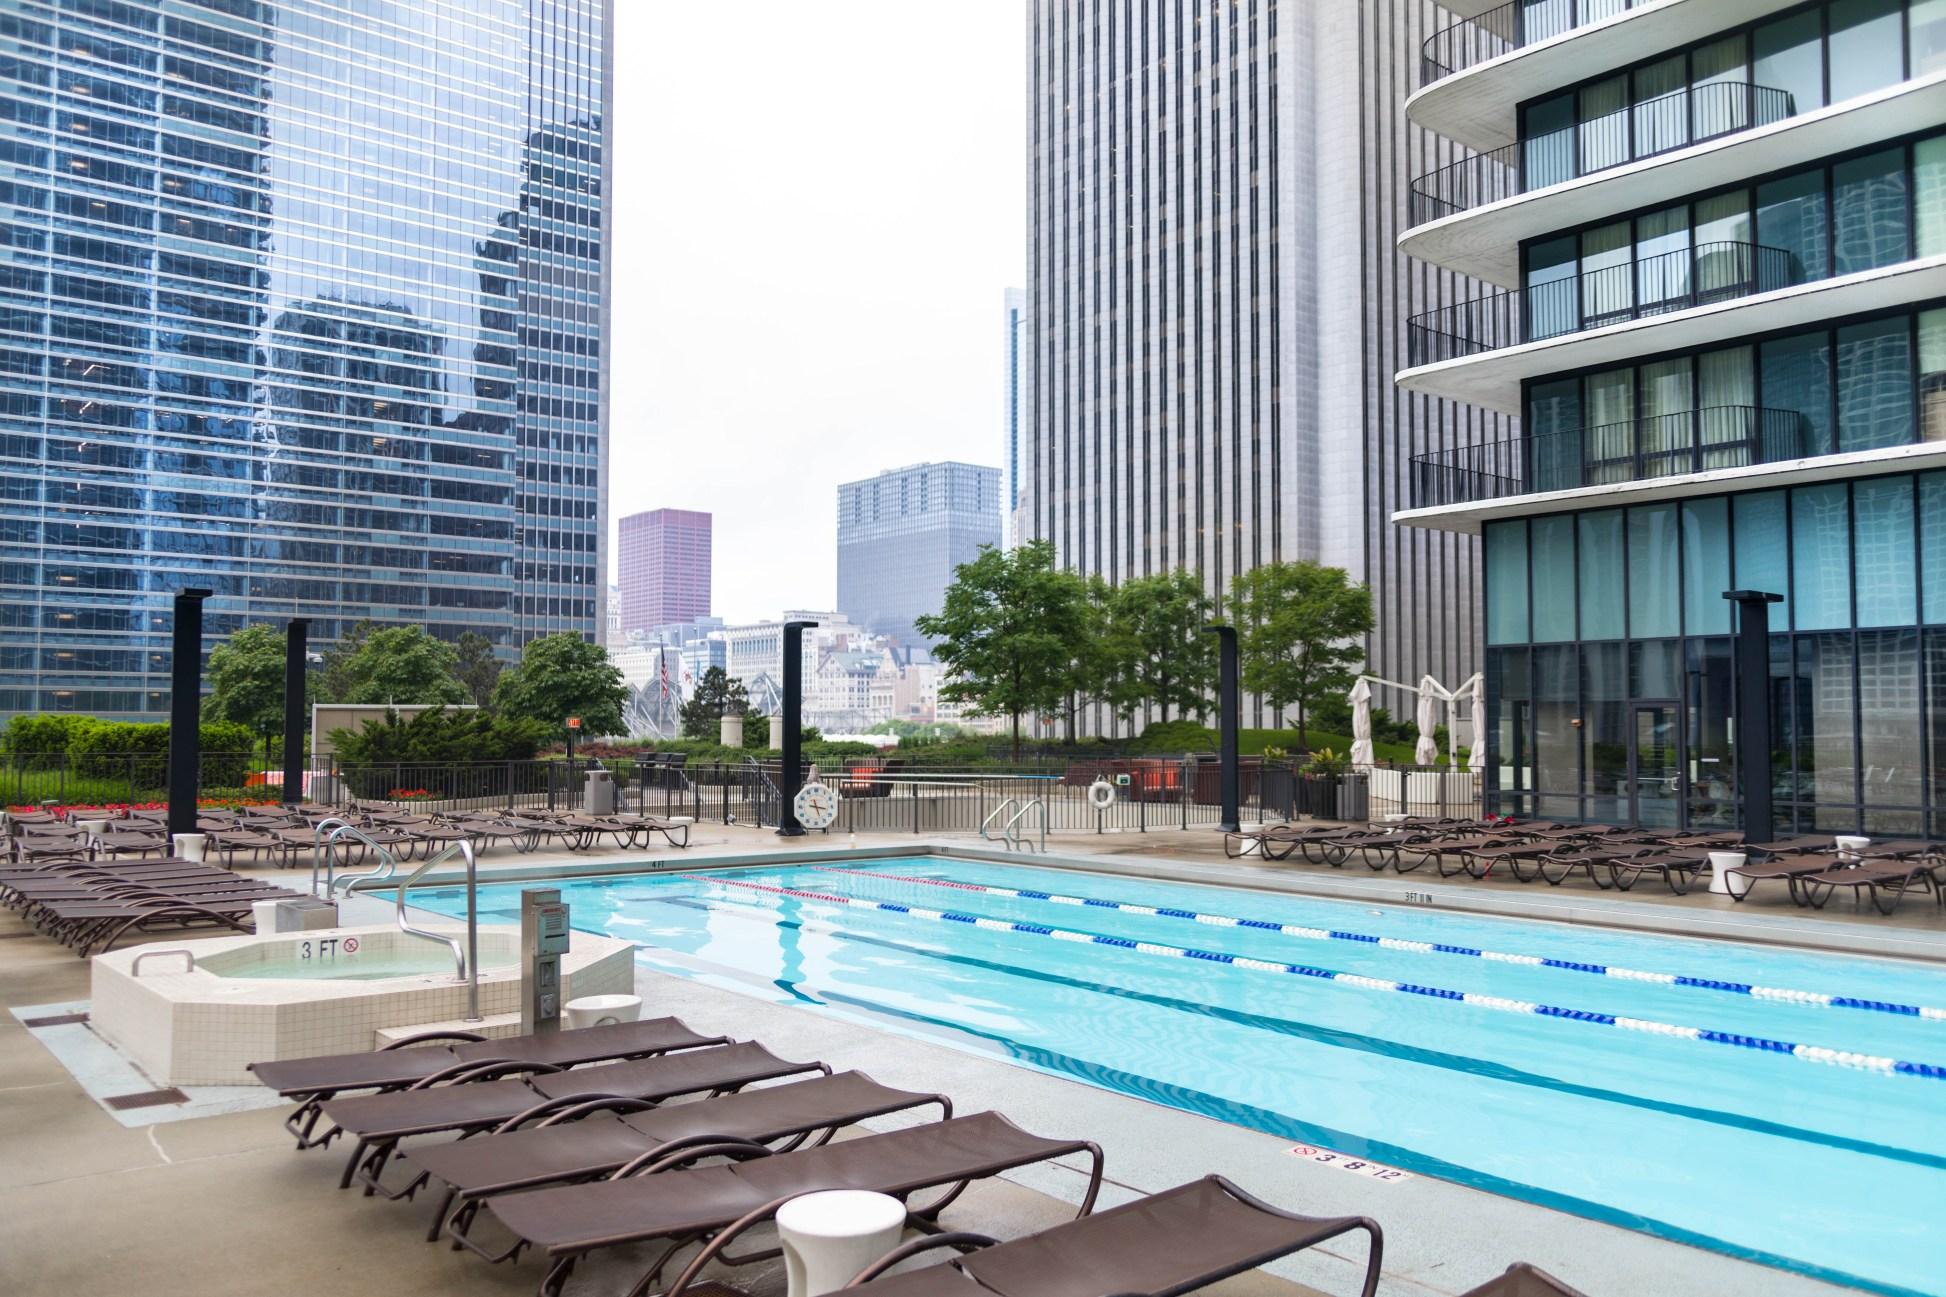 The Complete Traveler's Guide to Chicago, IL Radisson Blu Aqua Chicago